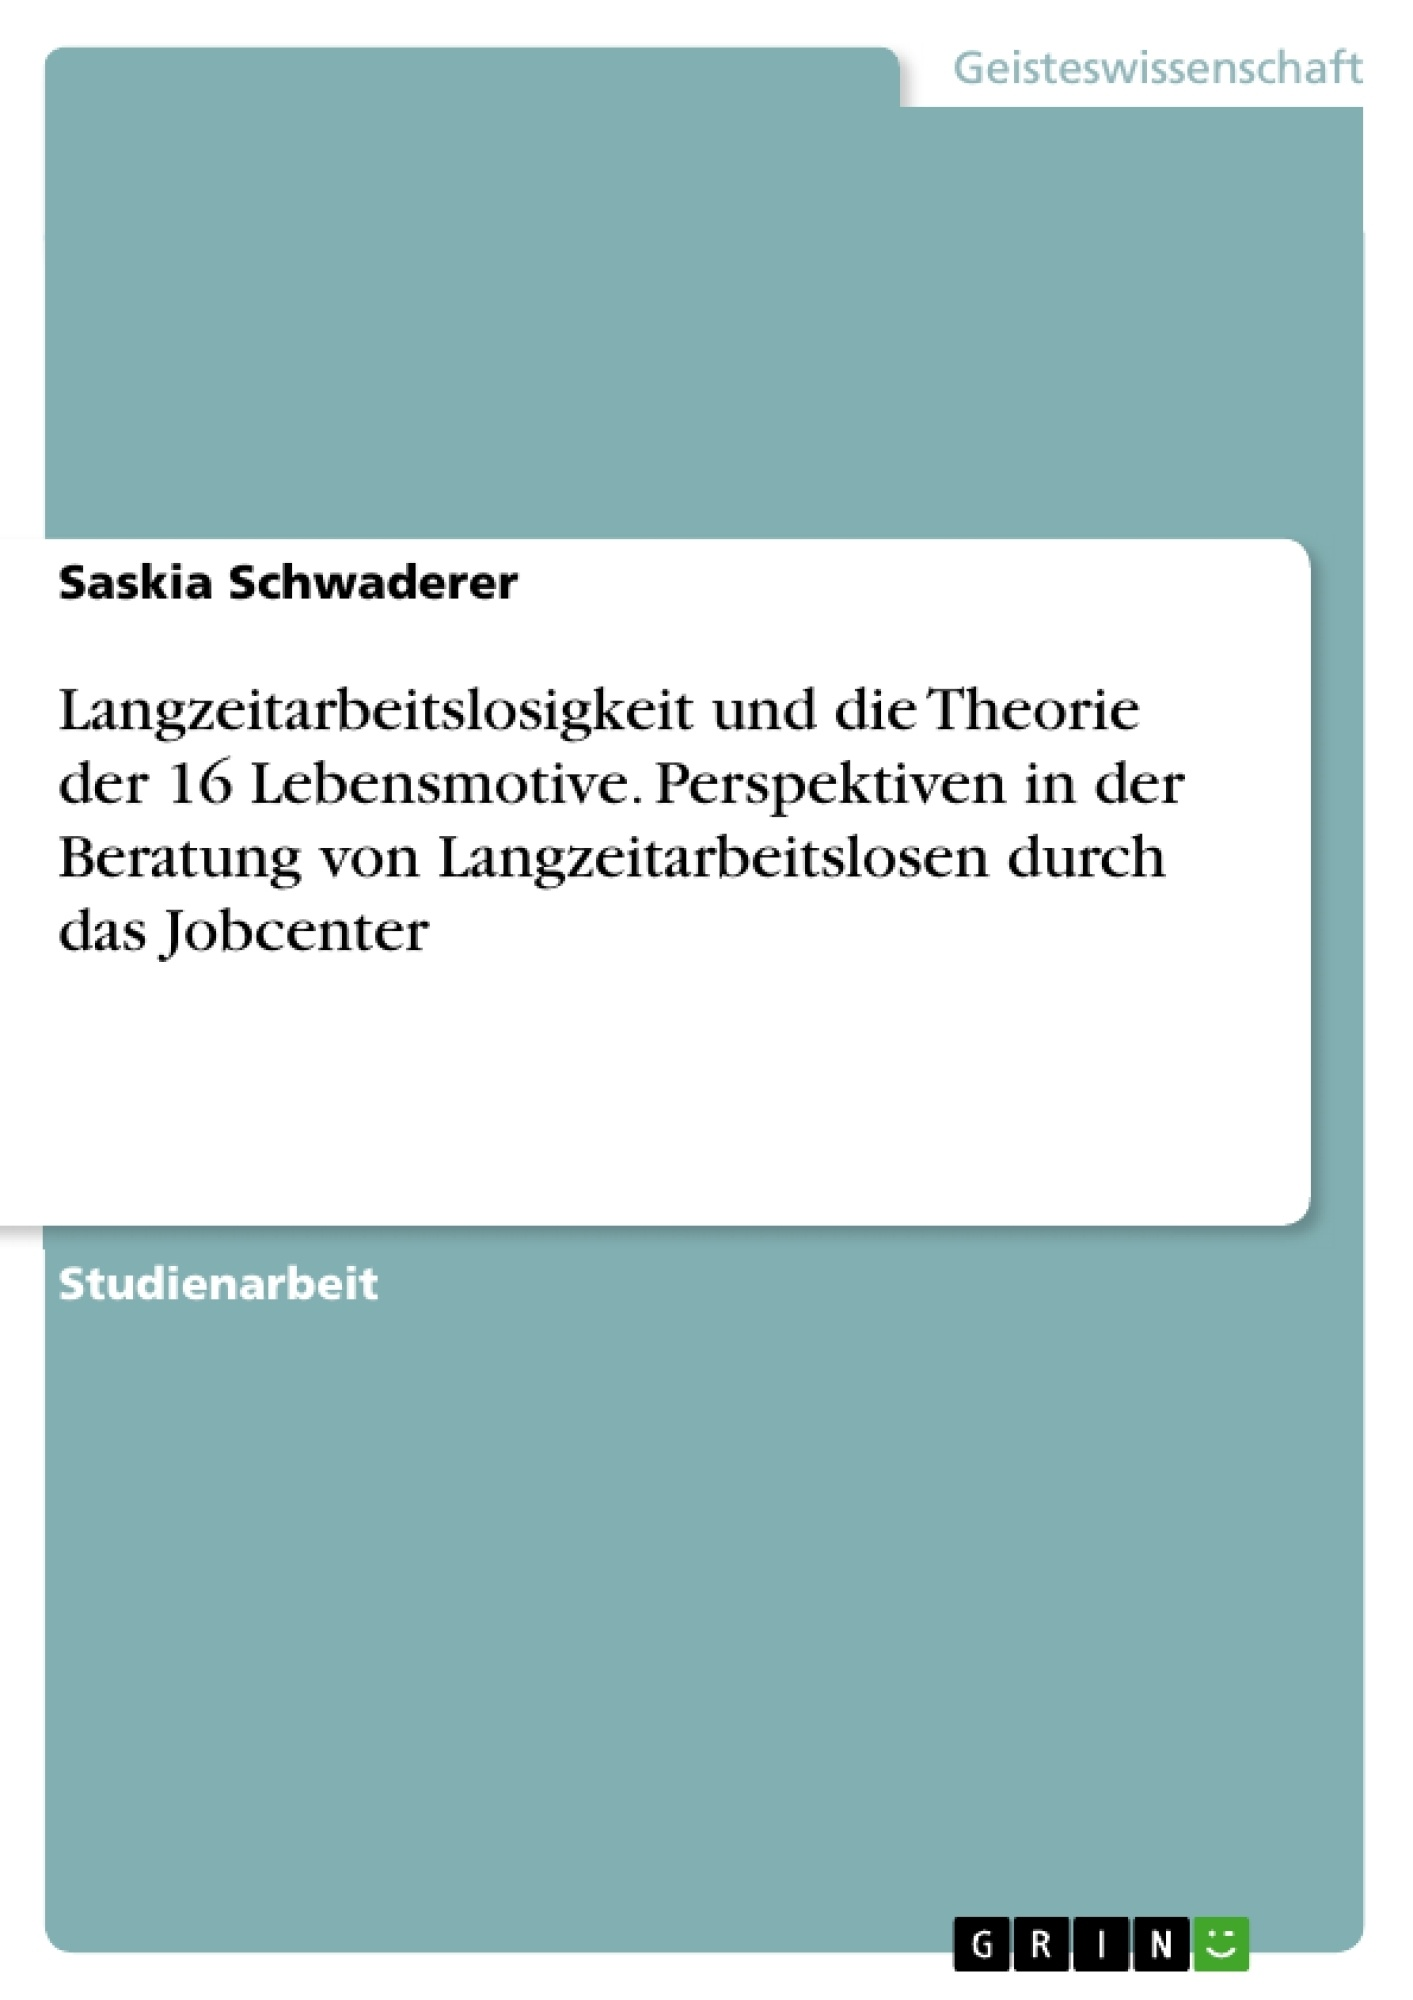 Titel: Langzeitarbeitslosigkeit und die Theorie der 16  Lebensmotive. Perspektiven in der Beratung von Langzeitarbeitslosen durch das Jobcenter